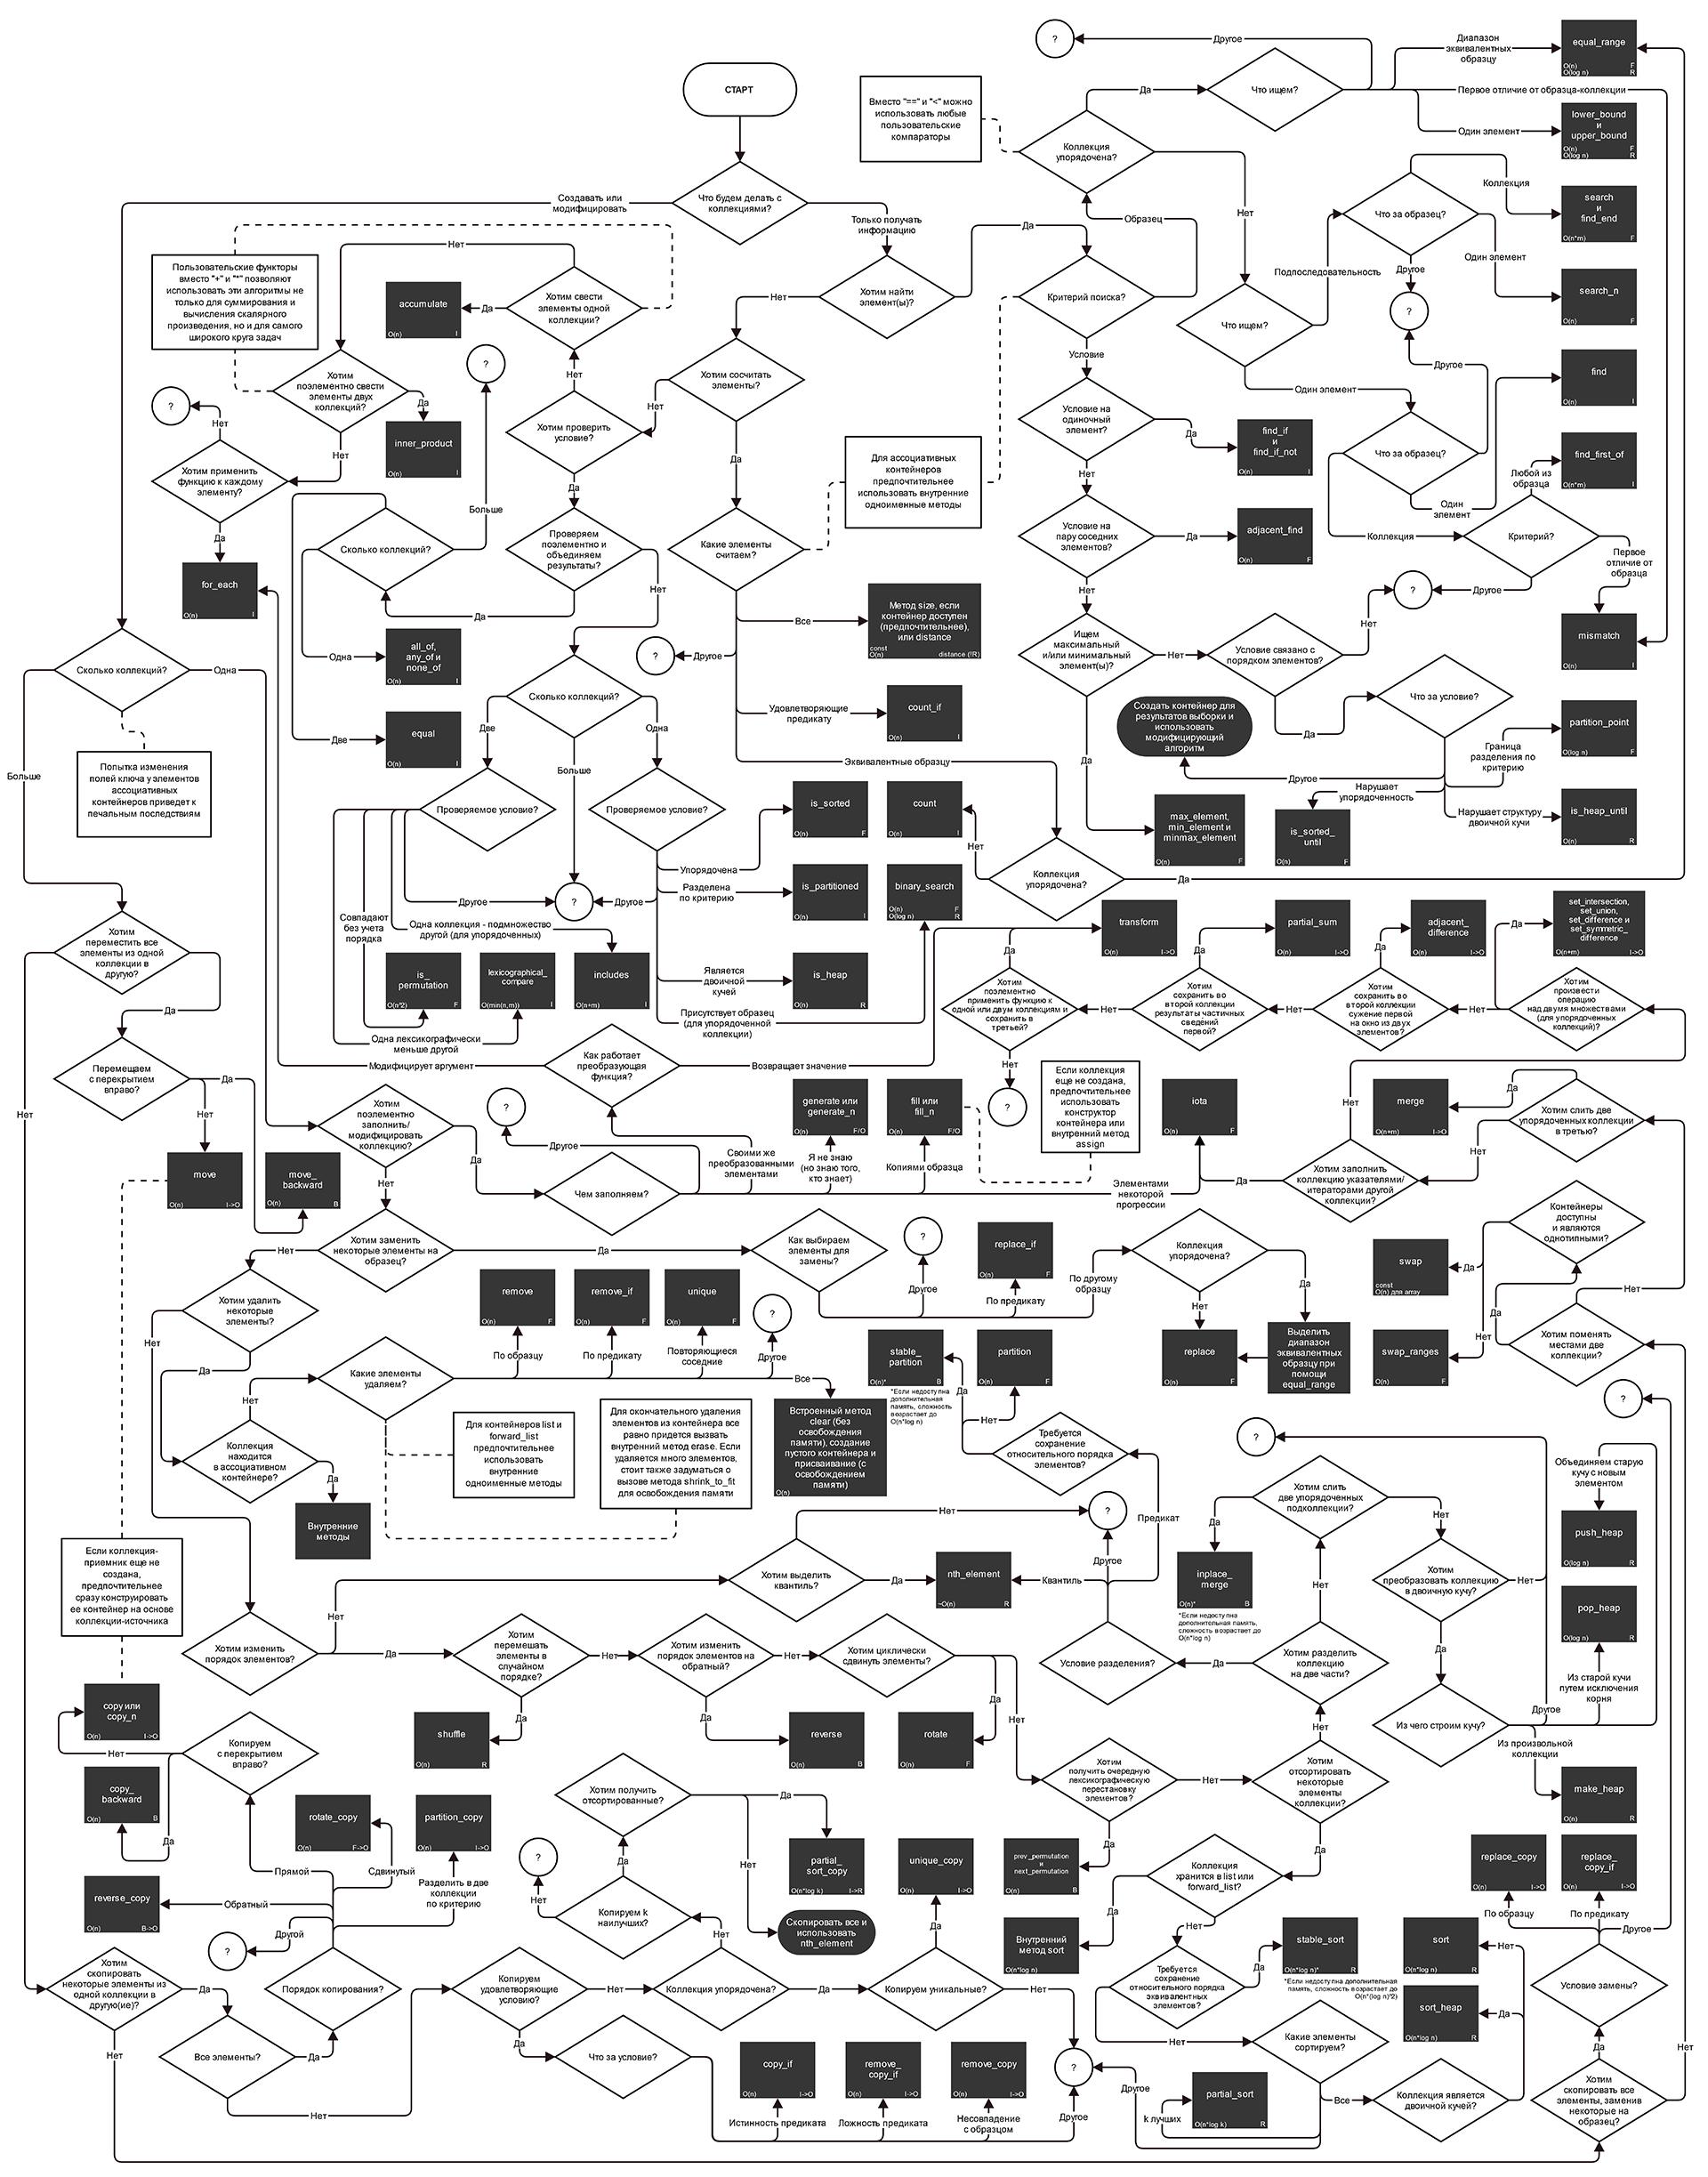 блок схема for java